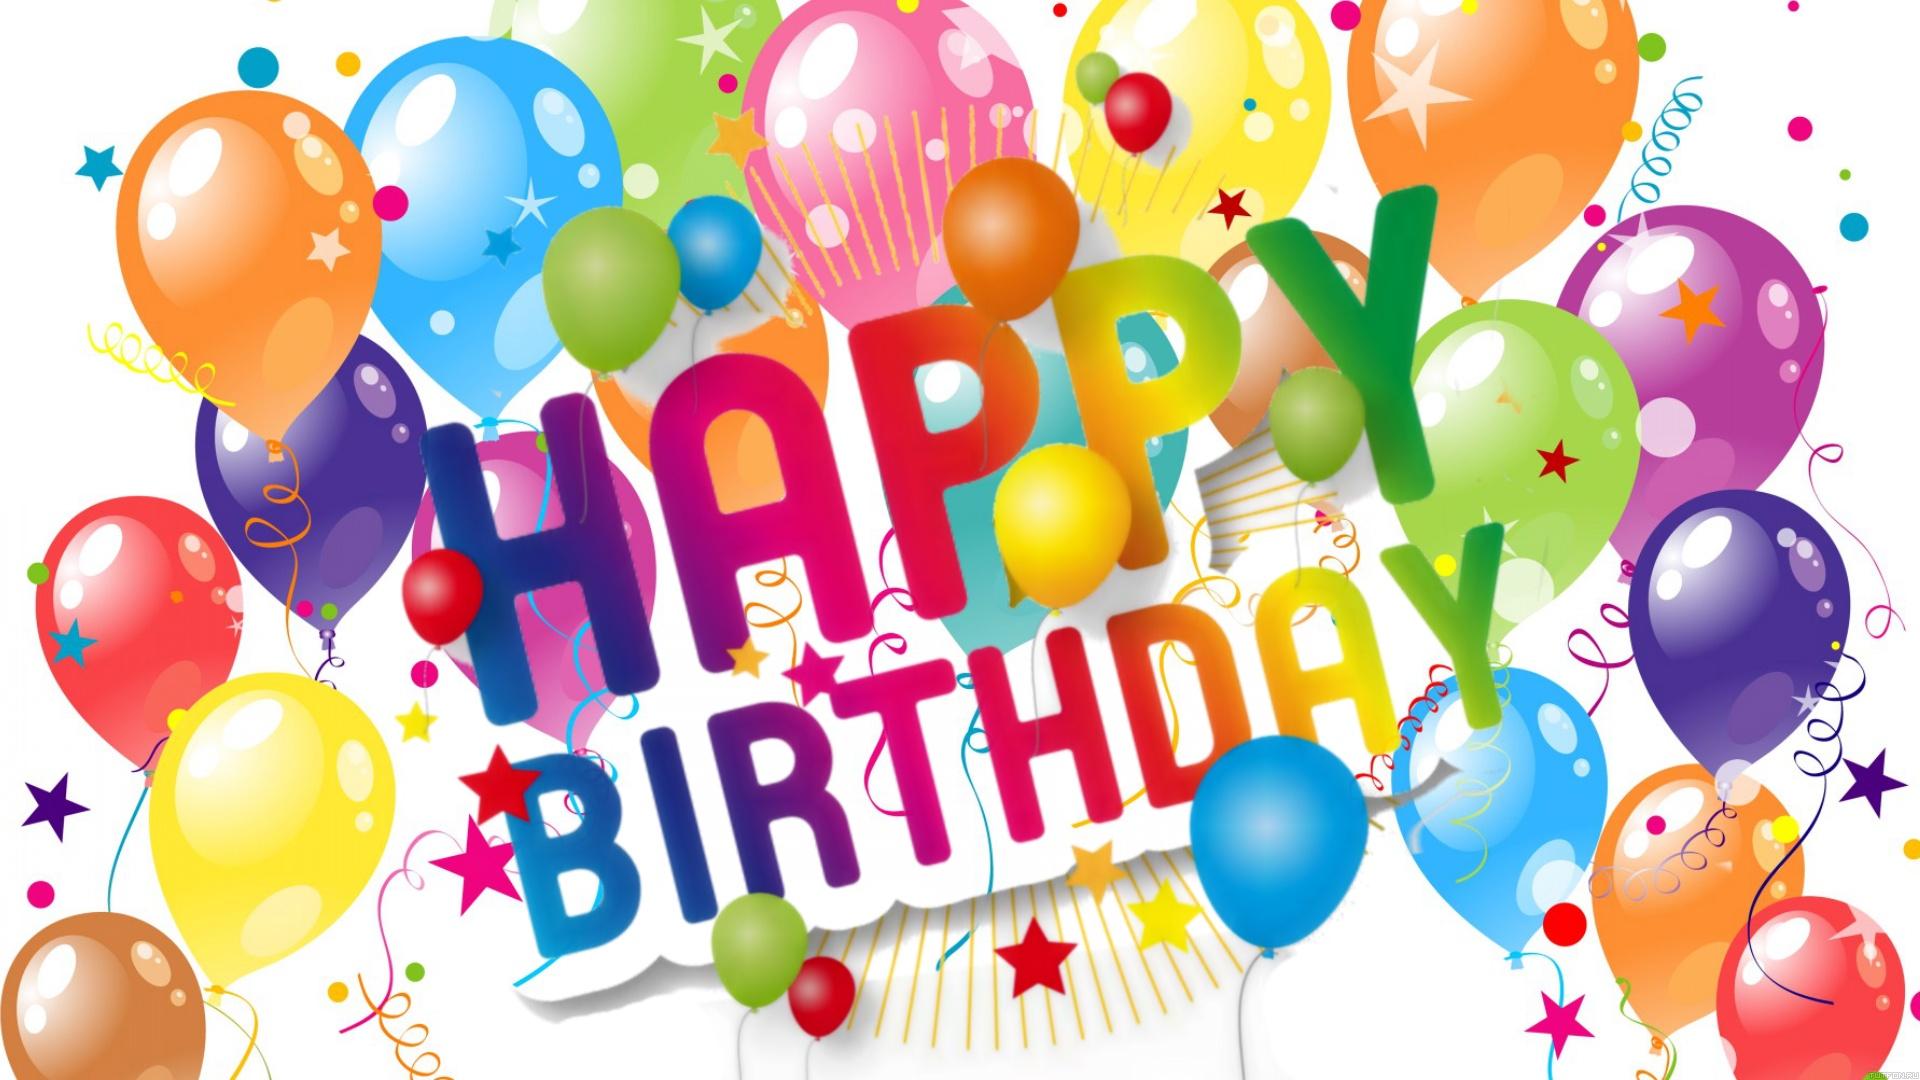 шары картинки с днём рождения